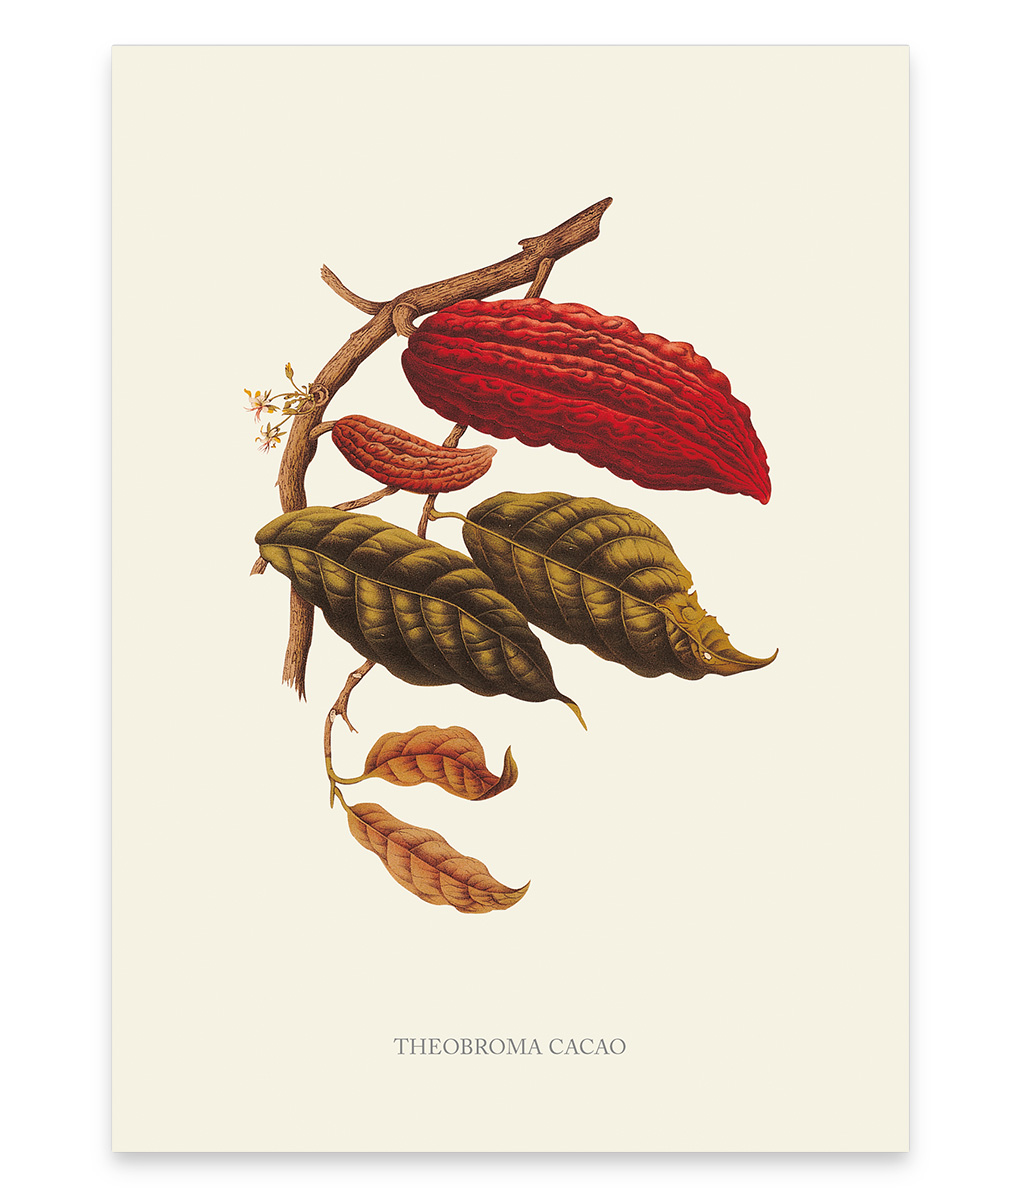 Theobroma Cacao, une superbe reproduction botanique d'un cacaotier